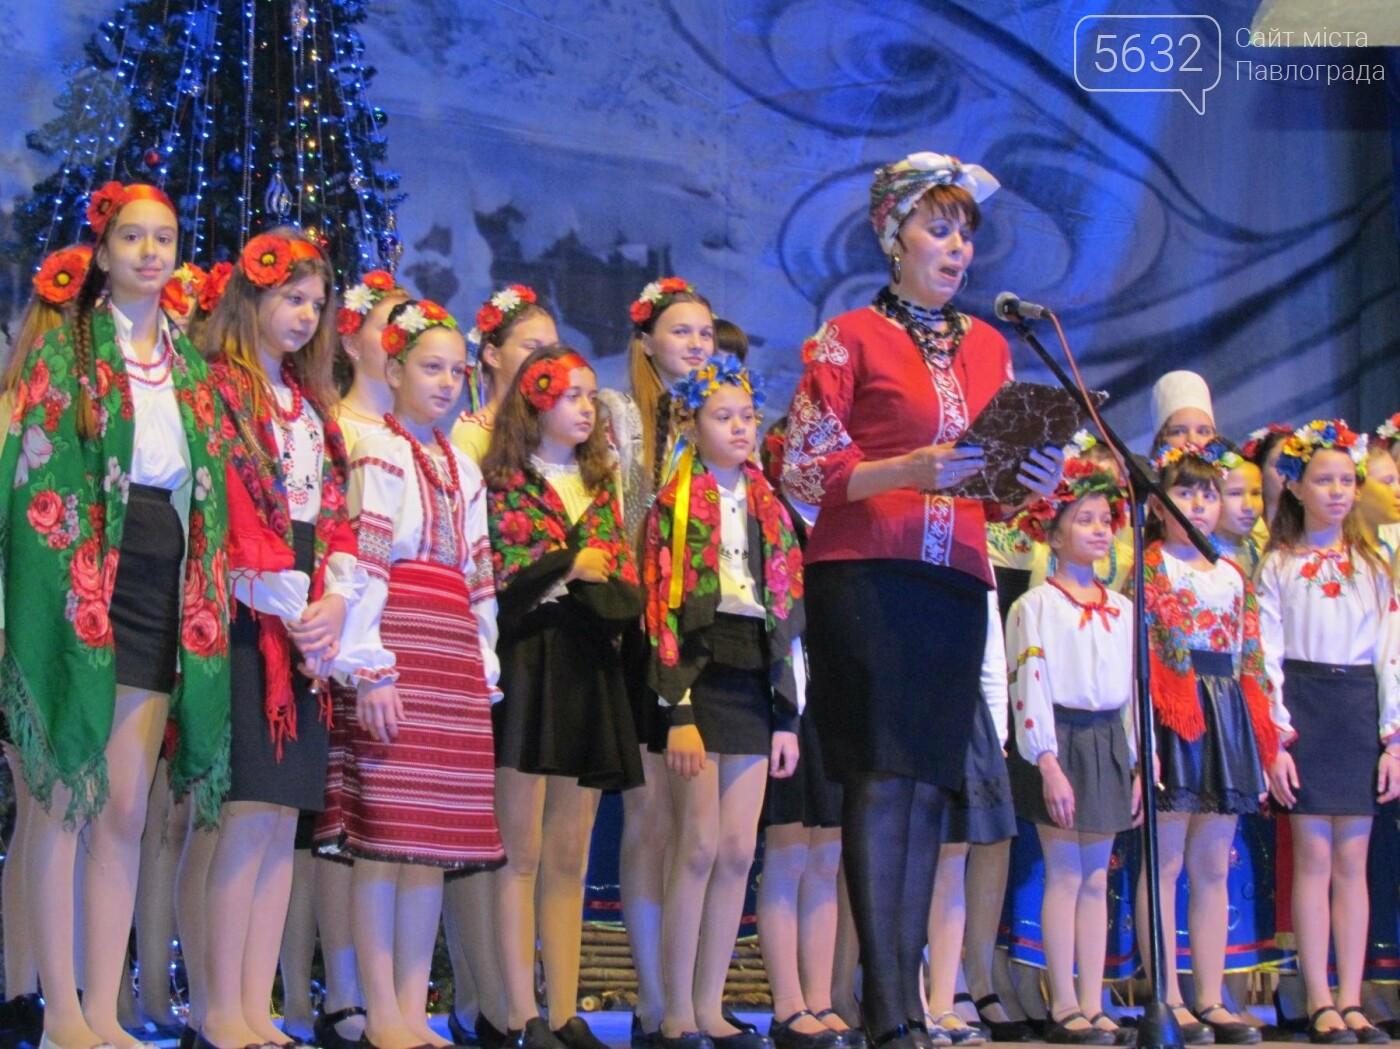 У Павлограді відбувся гала-концерт фестивалю «Різдвяна зірочка», фото-2